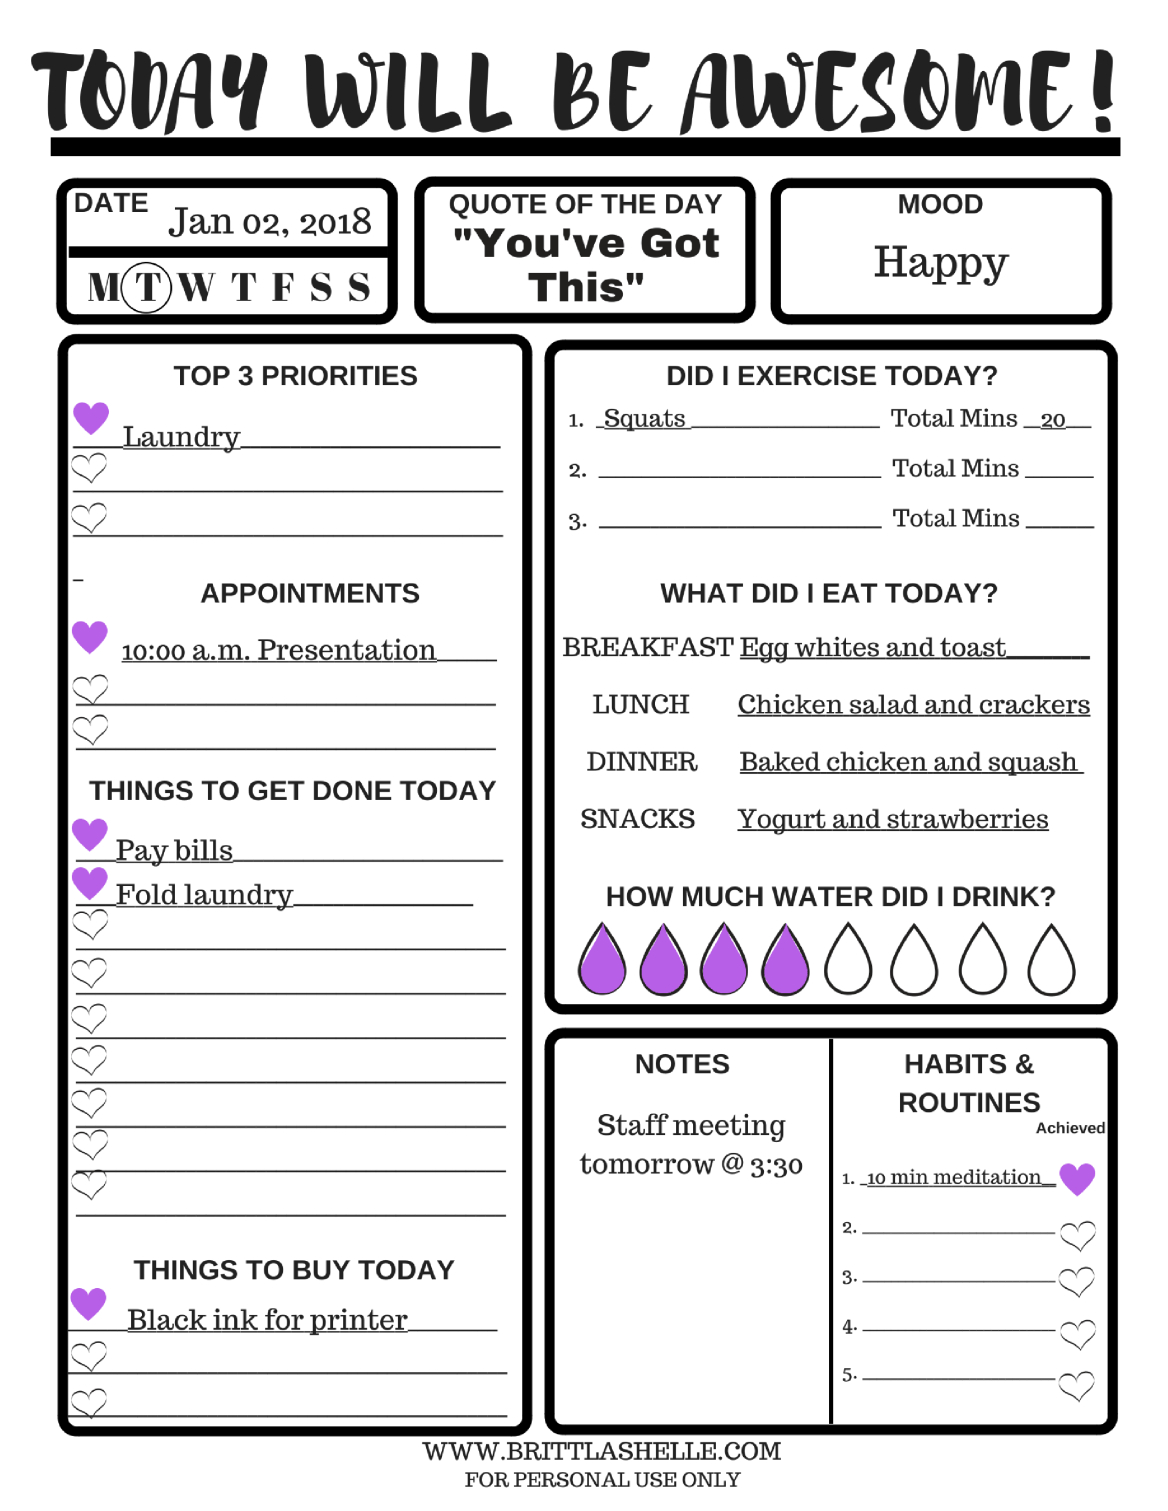 Goals Setting Worksheet - Daily Goals Worksheet Pdf  Fitness Challenge Worksheet Pdf